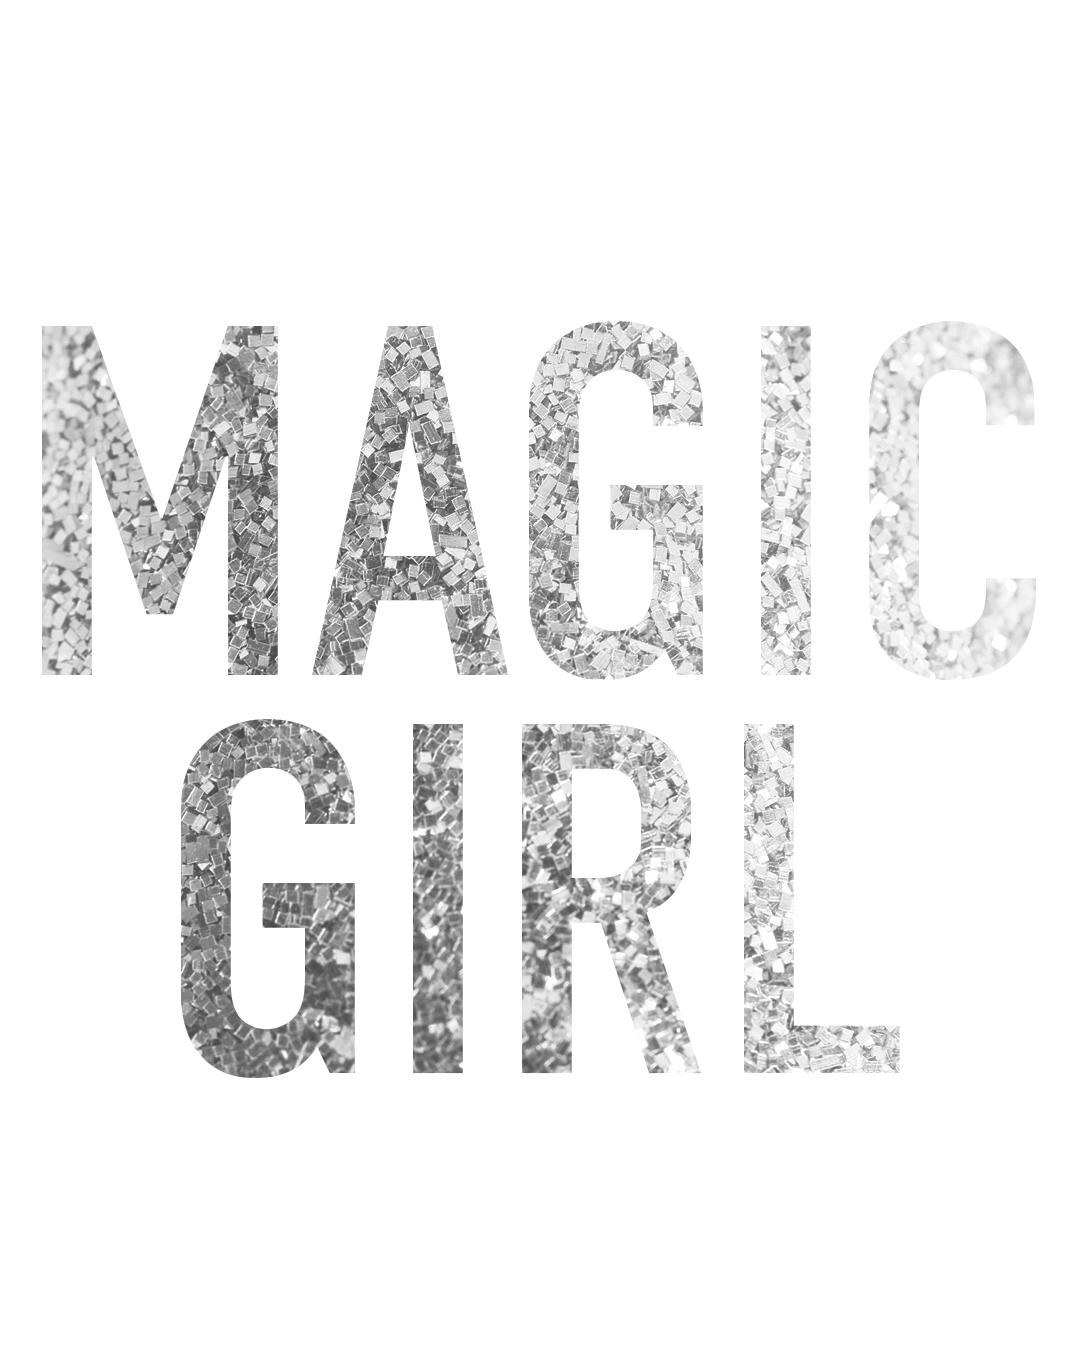 MG IG_2.jpg